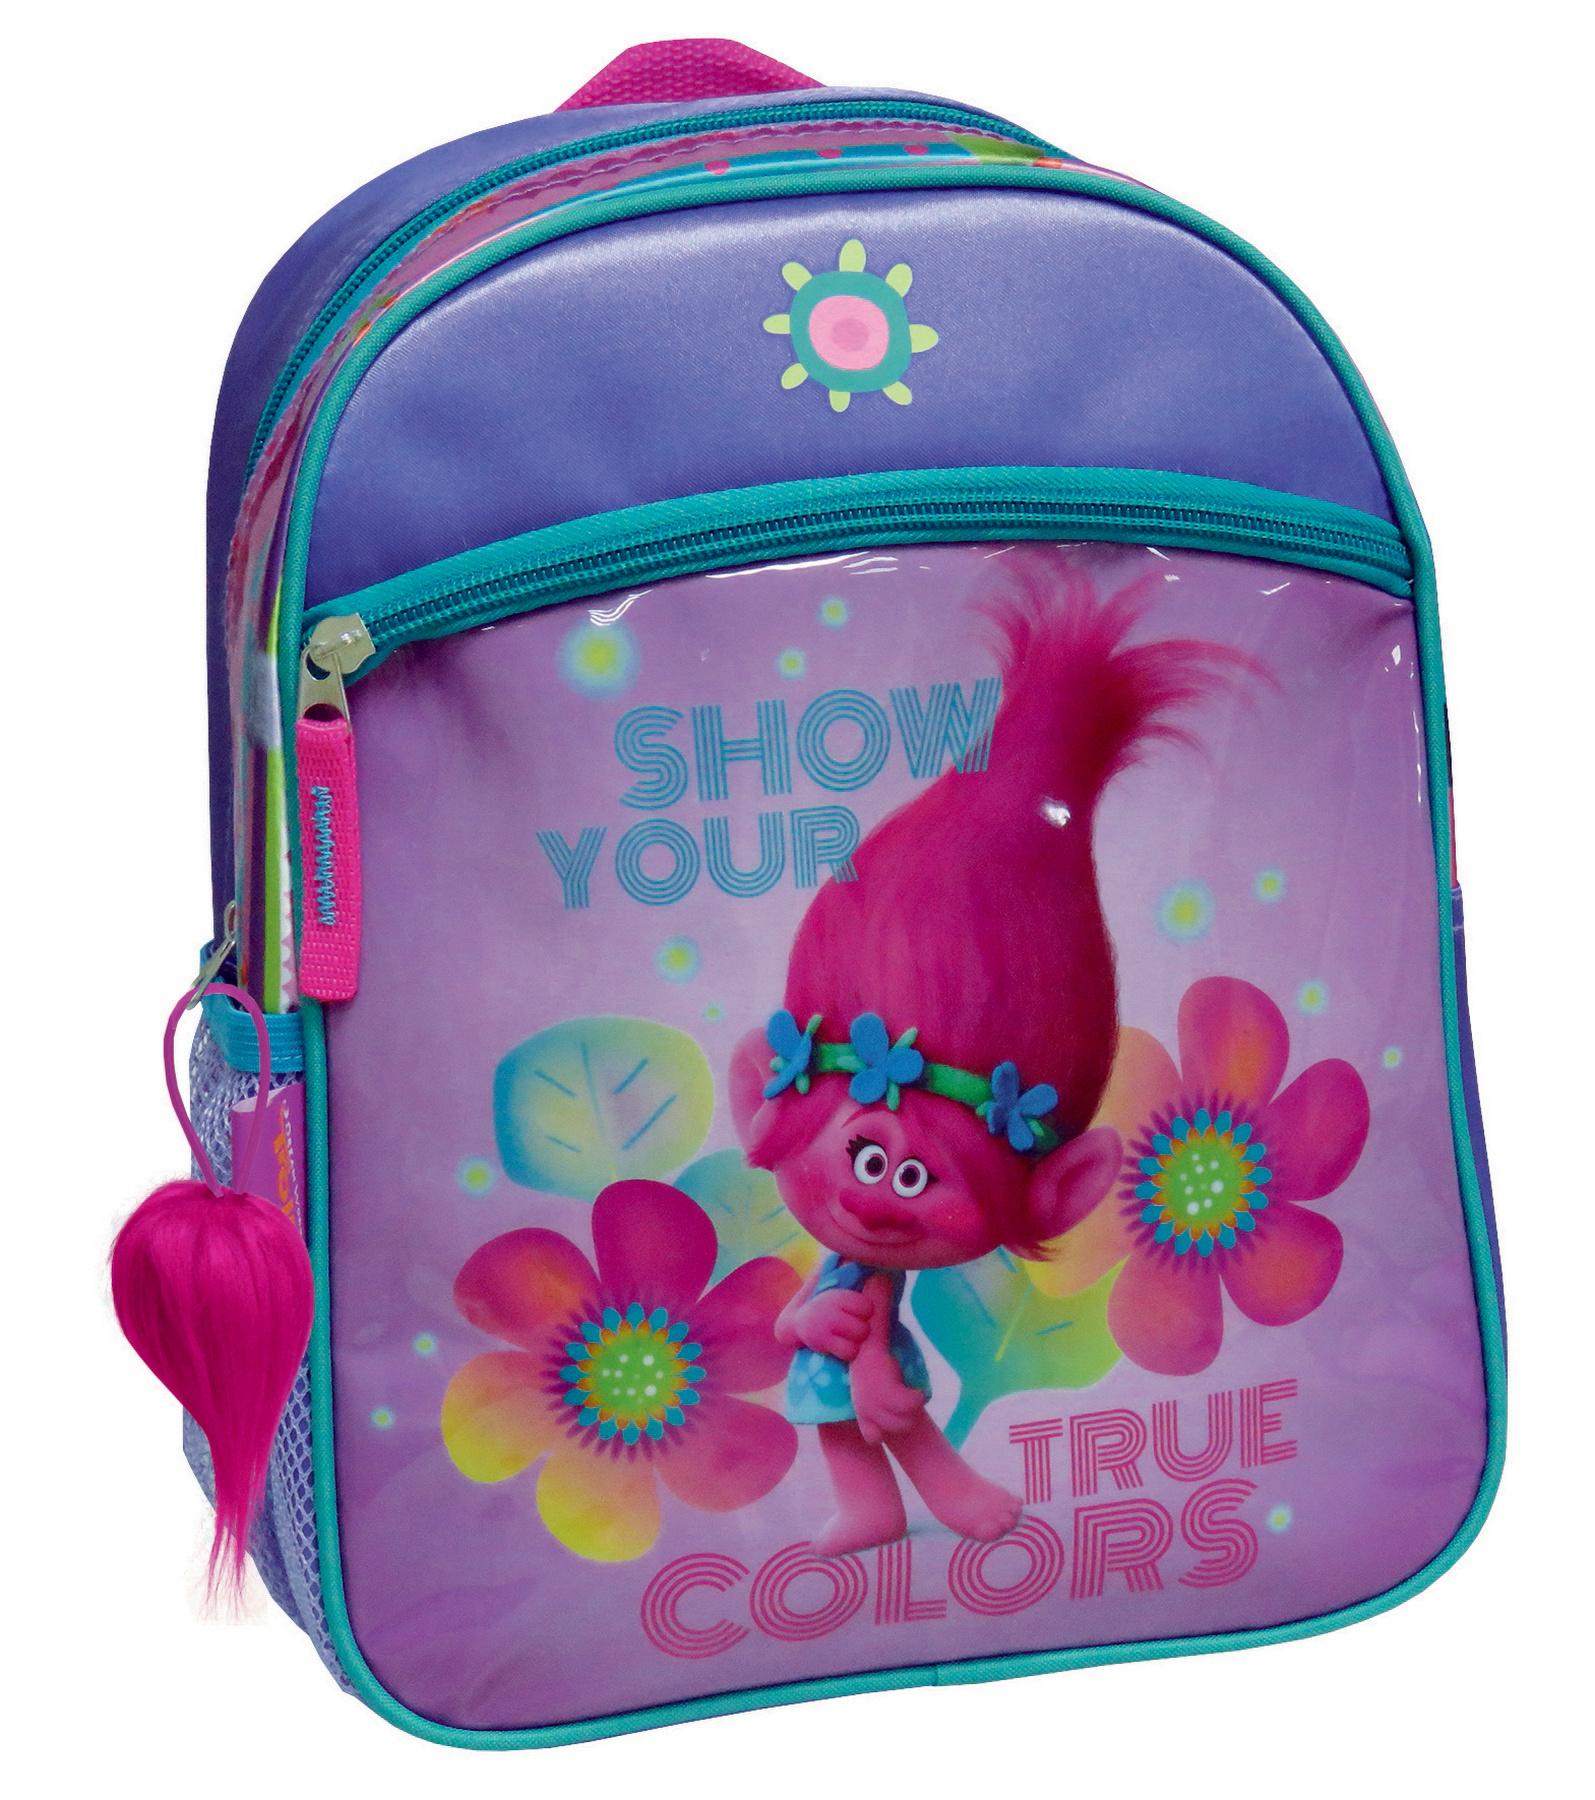 b73eb7b55c3 Τσάντα Νηπιαγωγείου με μπροστινή θήκη Poppy (Trolls)   ToysForKids e ...